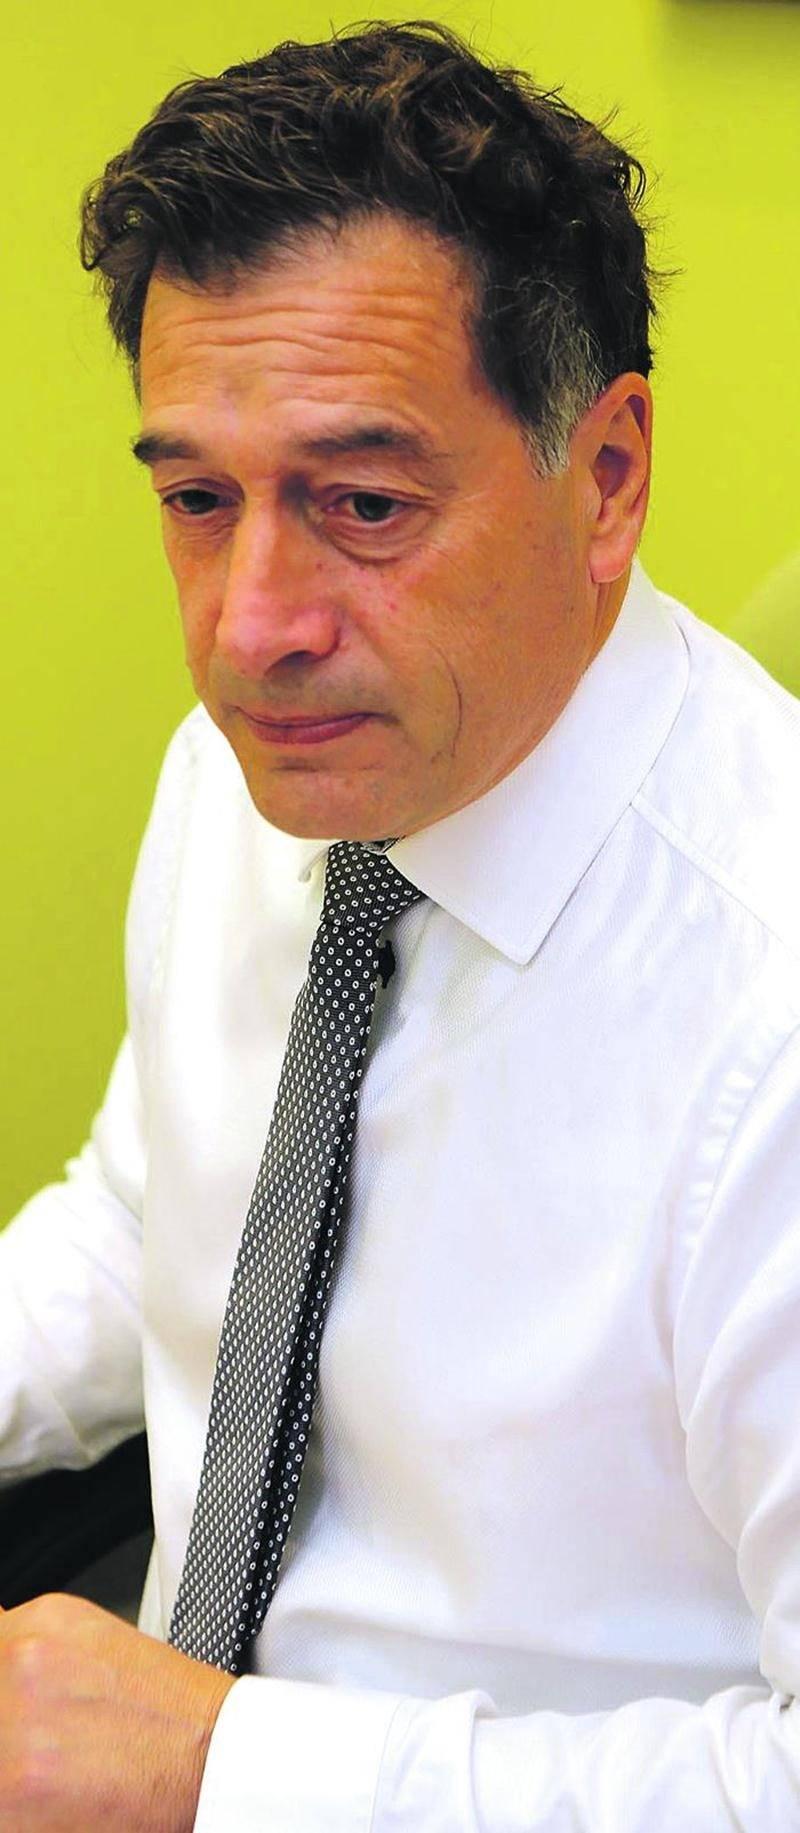 André Barnabé, directeur général de Saint-Hyacinthe Technopole et dernier président de la Cité de la biotechnologie de Saint-Hyacinthe. Photothèque   Le Courrier ©